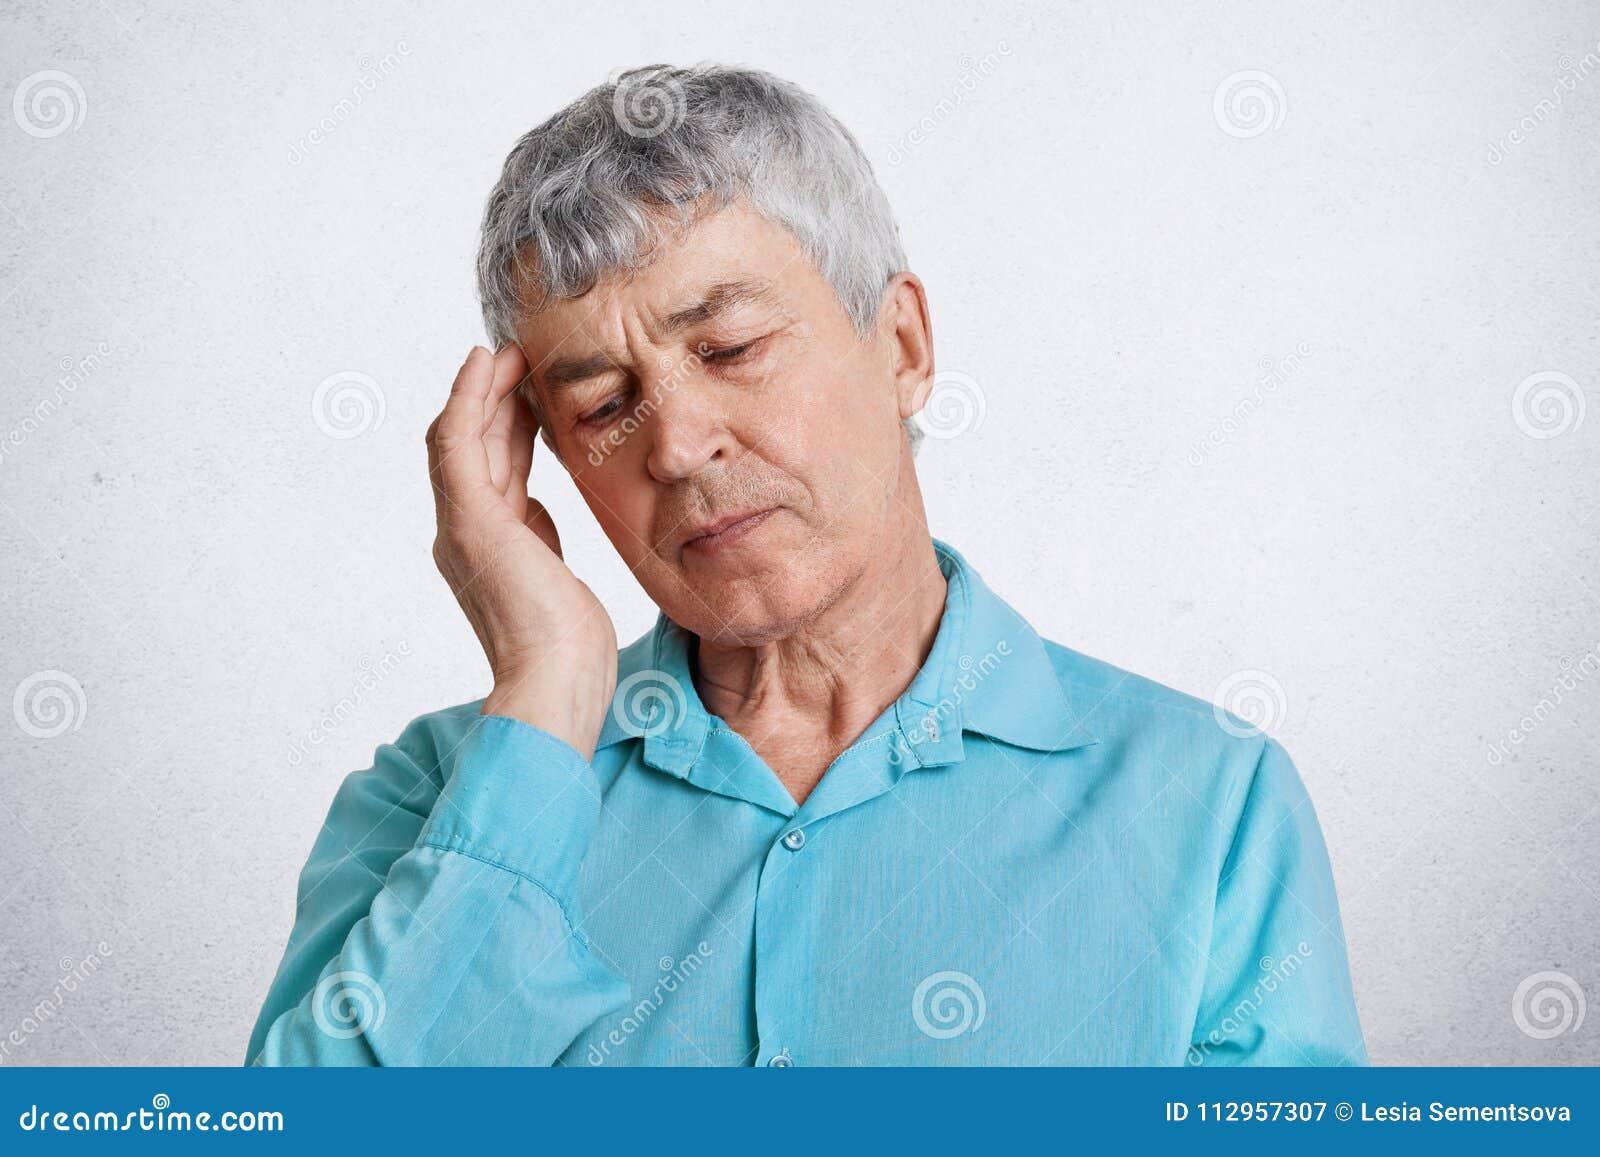 Strzelają zmęczony starszy męski emeryt, utrzymań oczy zamykający, ręka na świątyni, są ubranym formalną błękitną koszula, migren